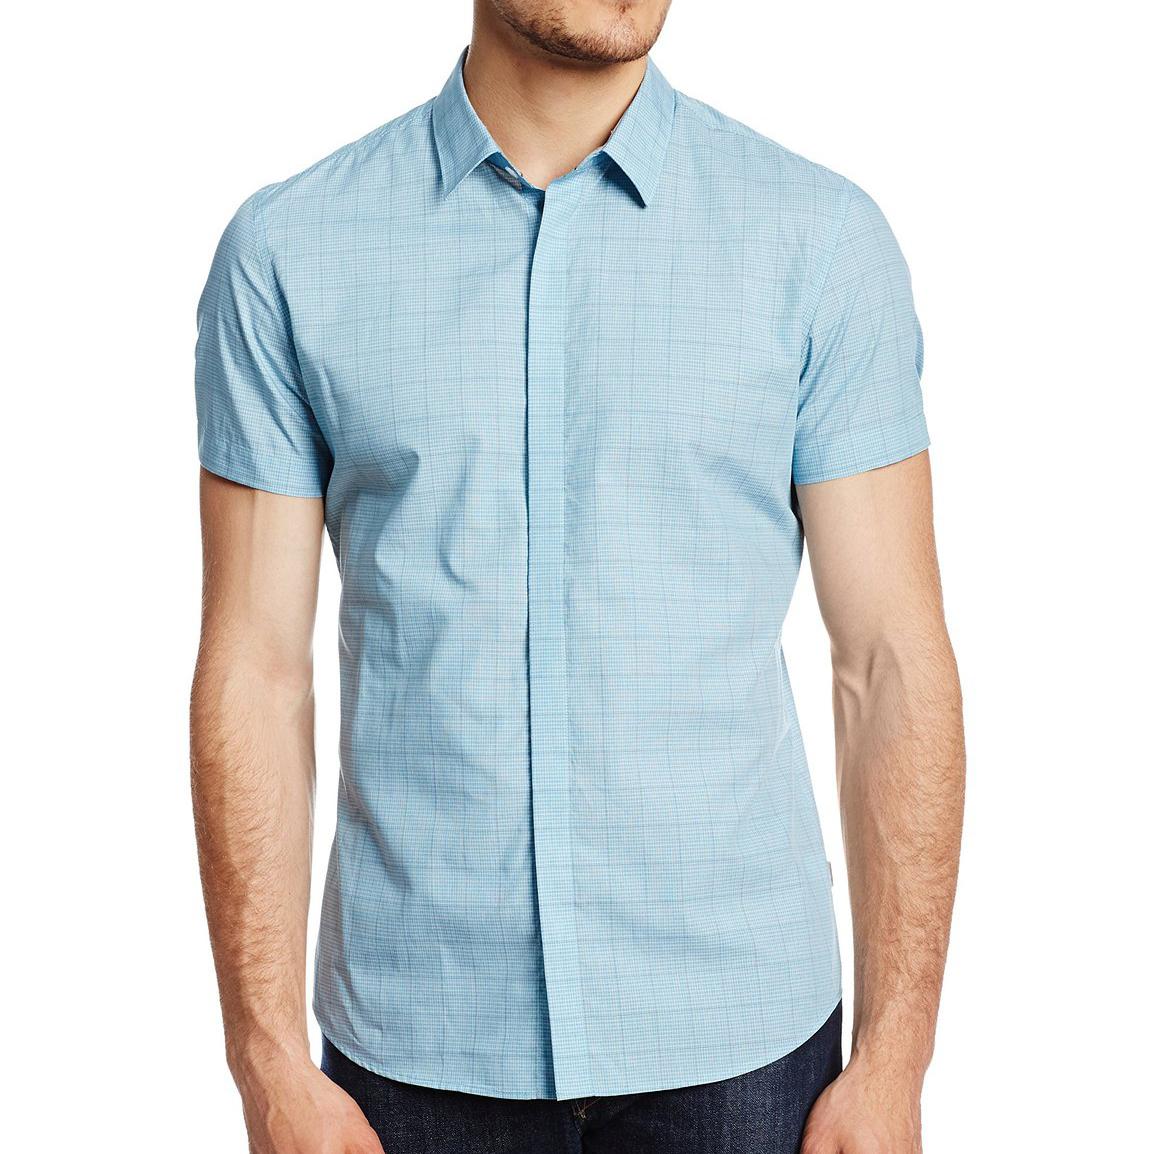 美國百分百【全新真品】Calvin Klein 襯衫 CK 男衣 短袖 湖水綠 格紋 休閒 合身 XS L號 E200